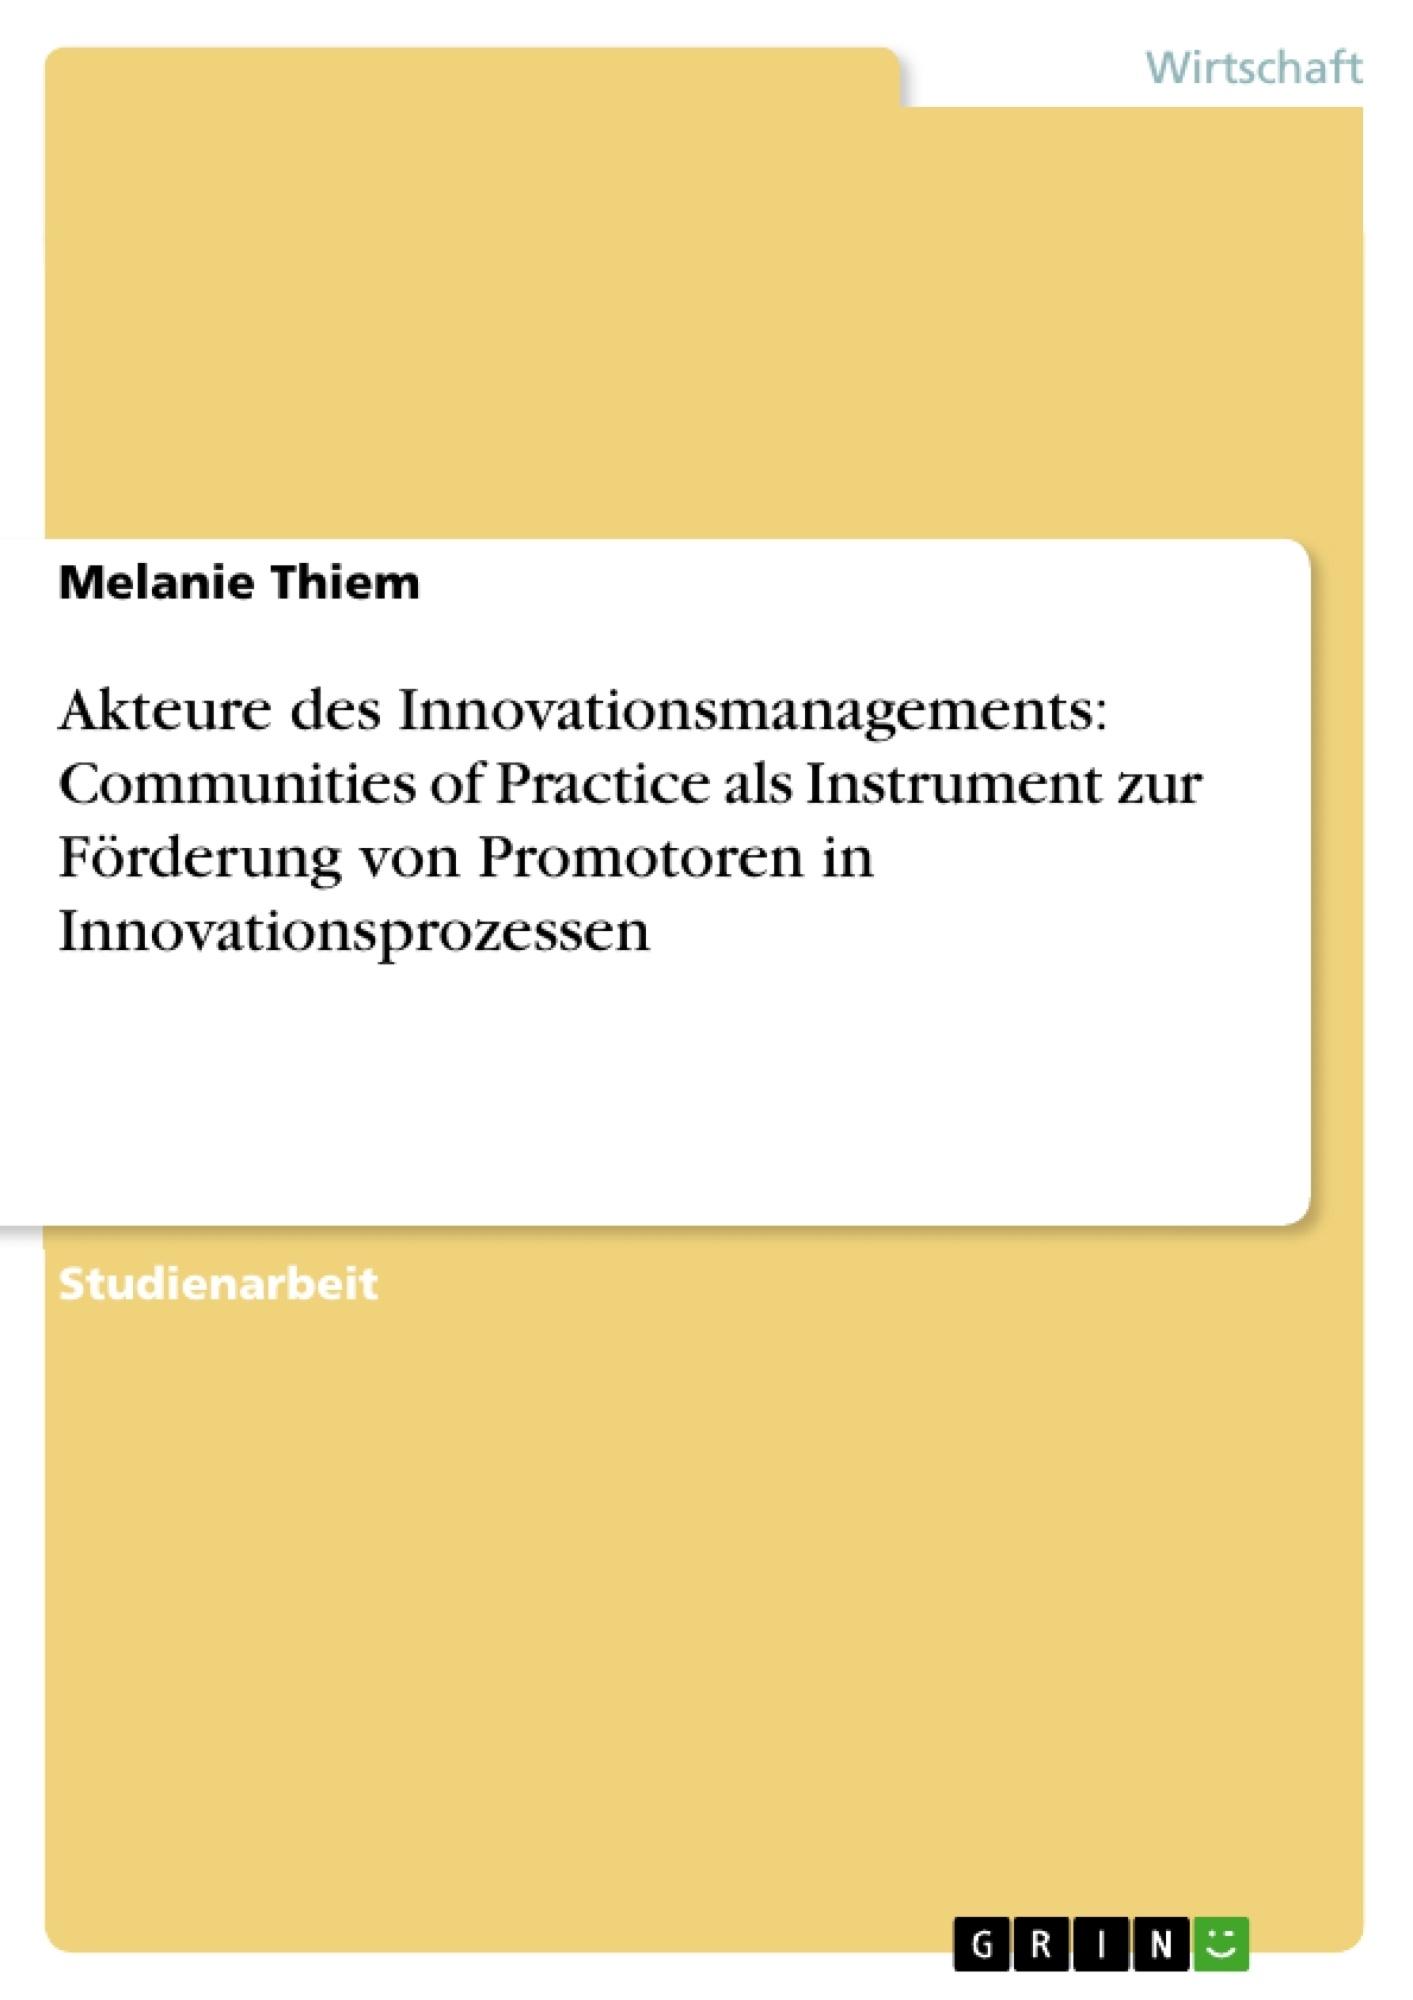 Titel: Akteure des Innovationsmanagements: Communities of Practice als Instrument zur Förderung von Promotoren in Innovationsprozessen